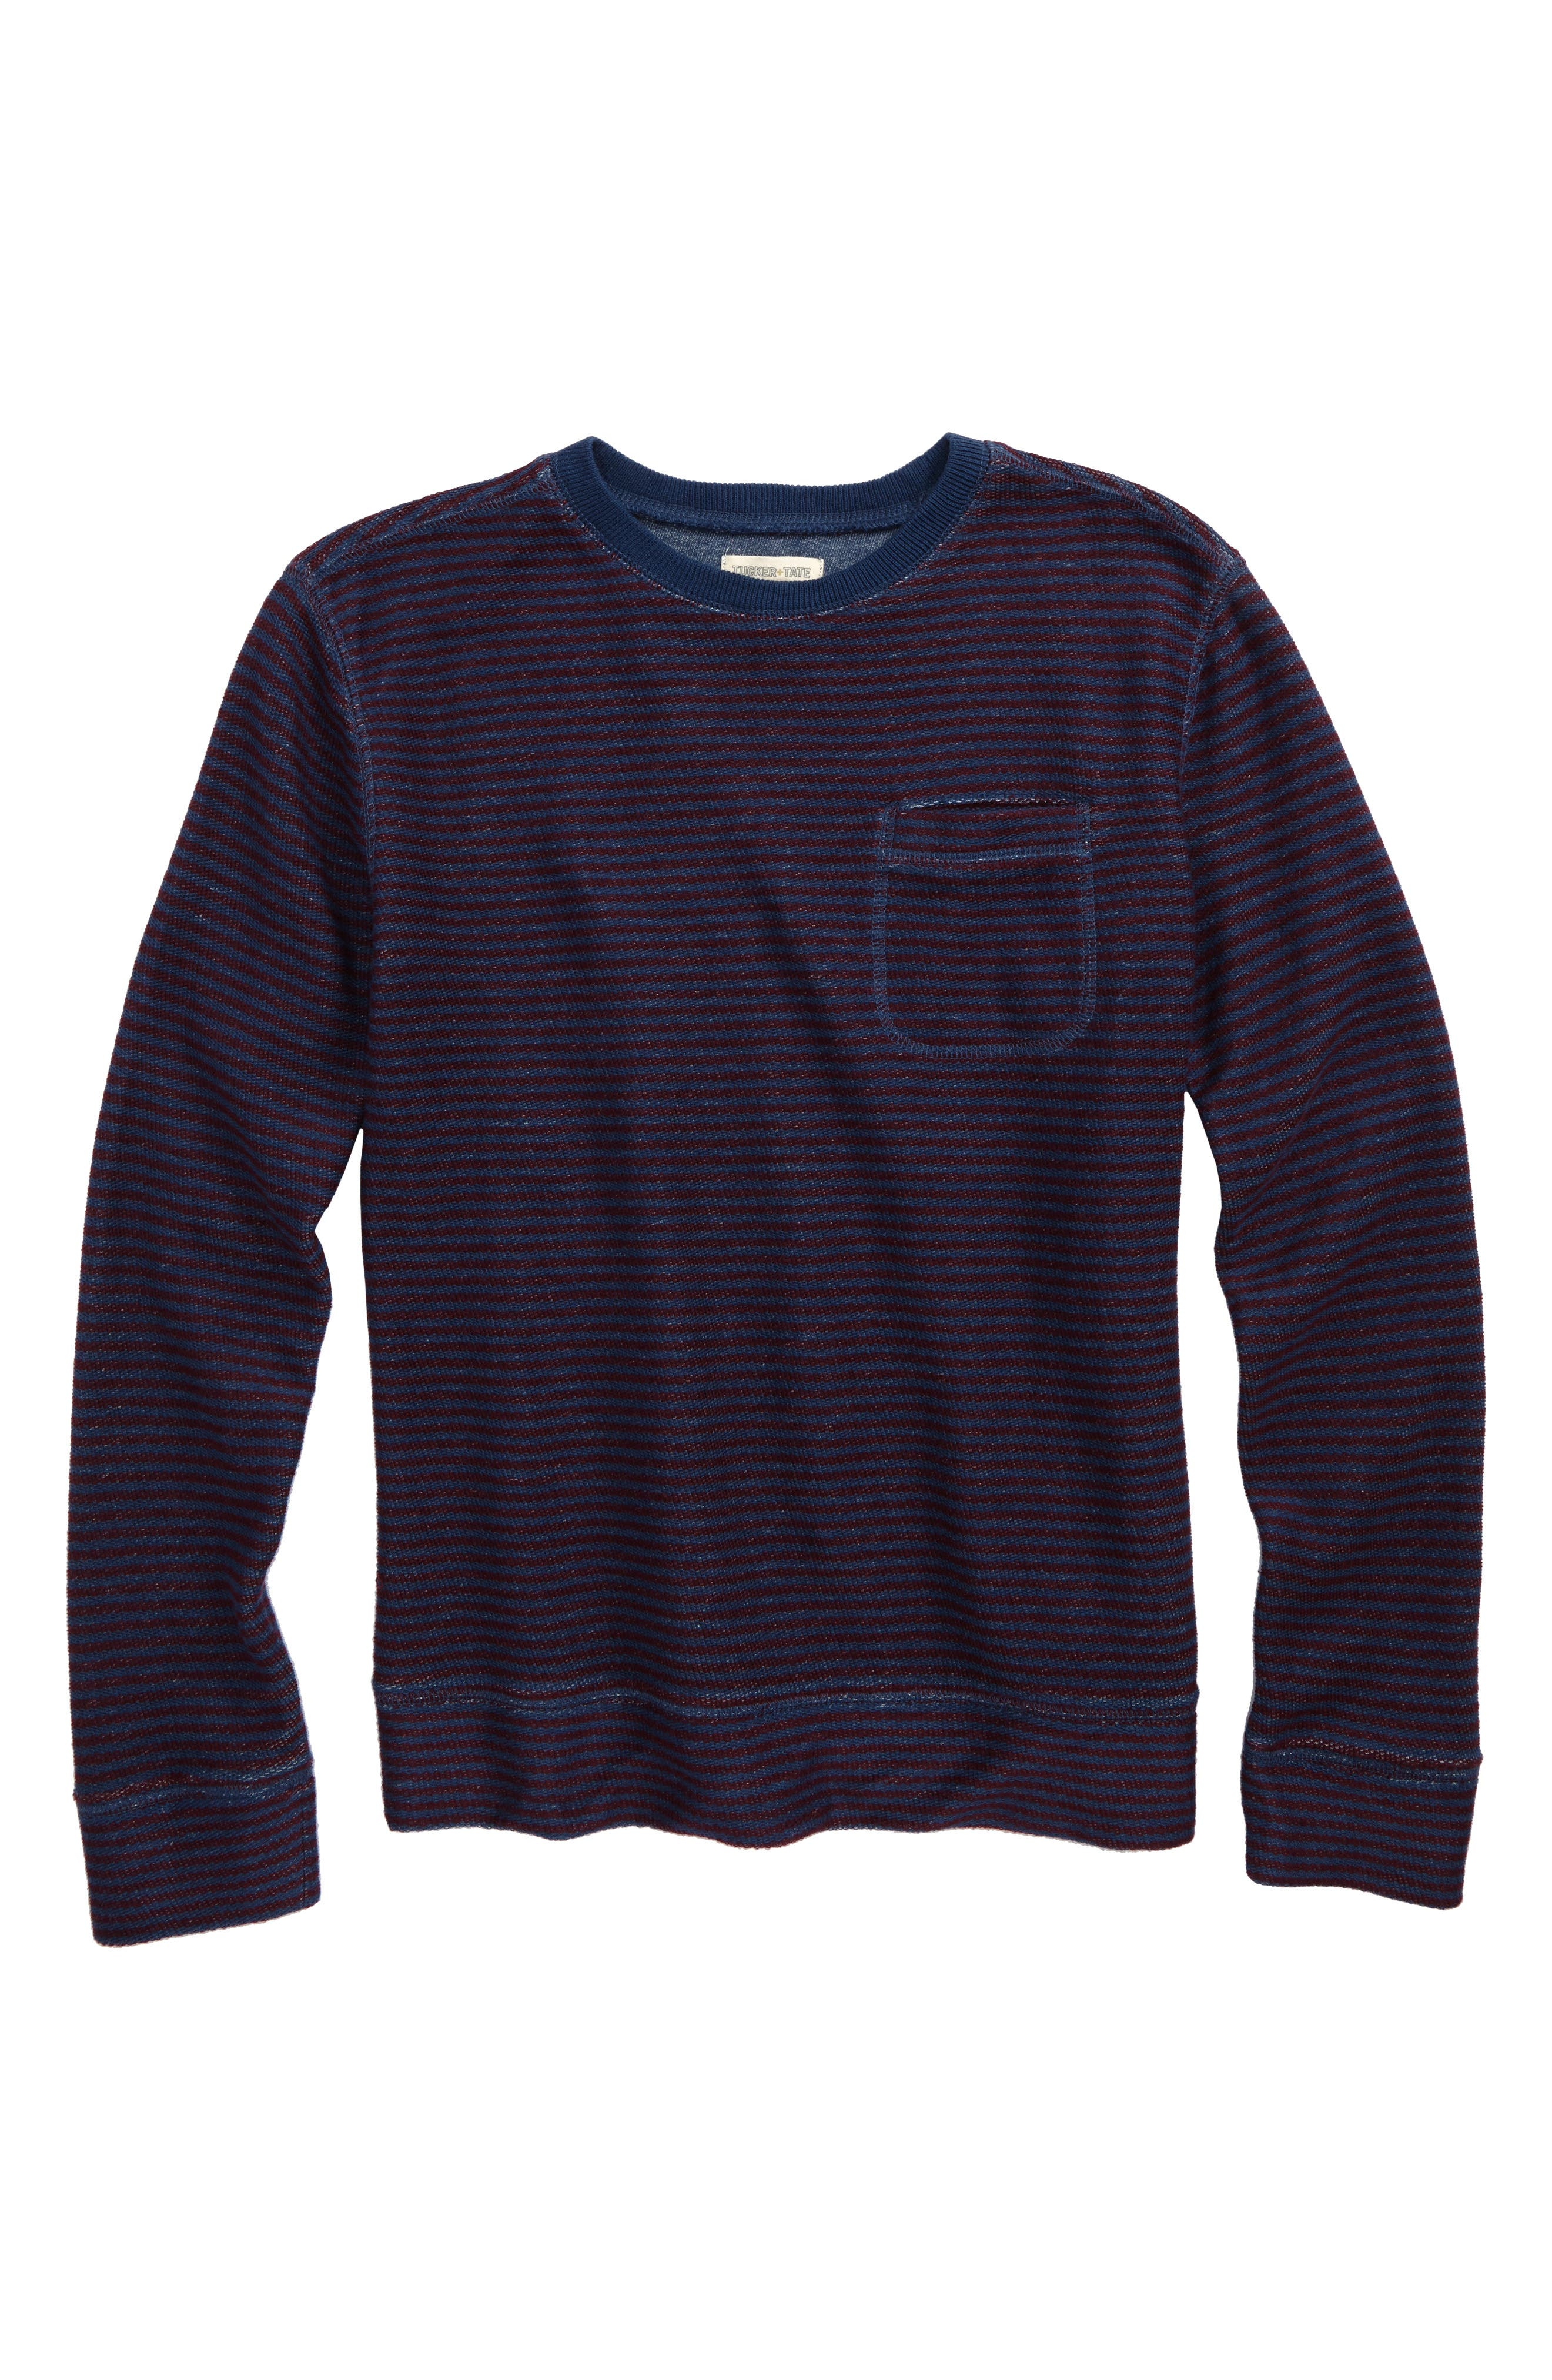 Stripe Crewneck Sweatshirt,                         Main,                         color, 410